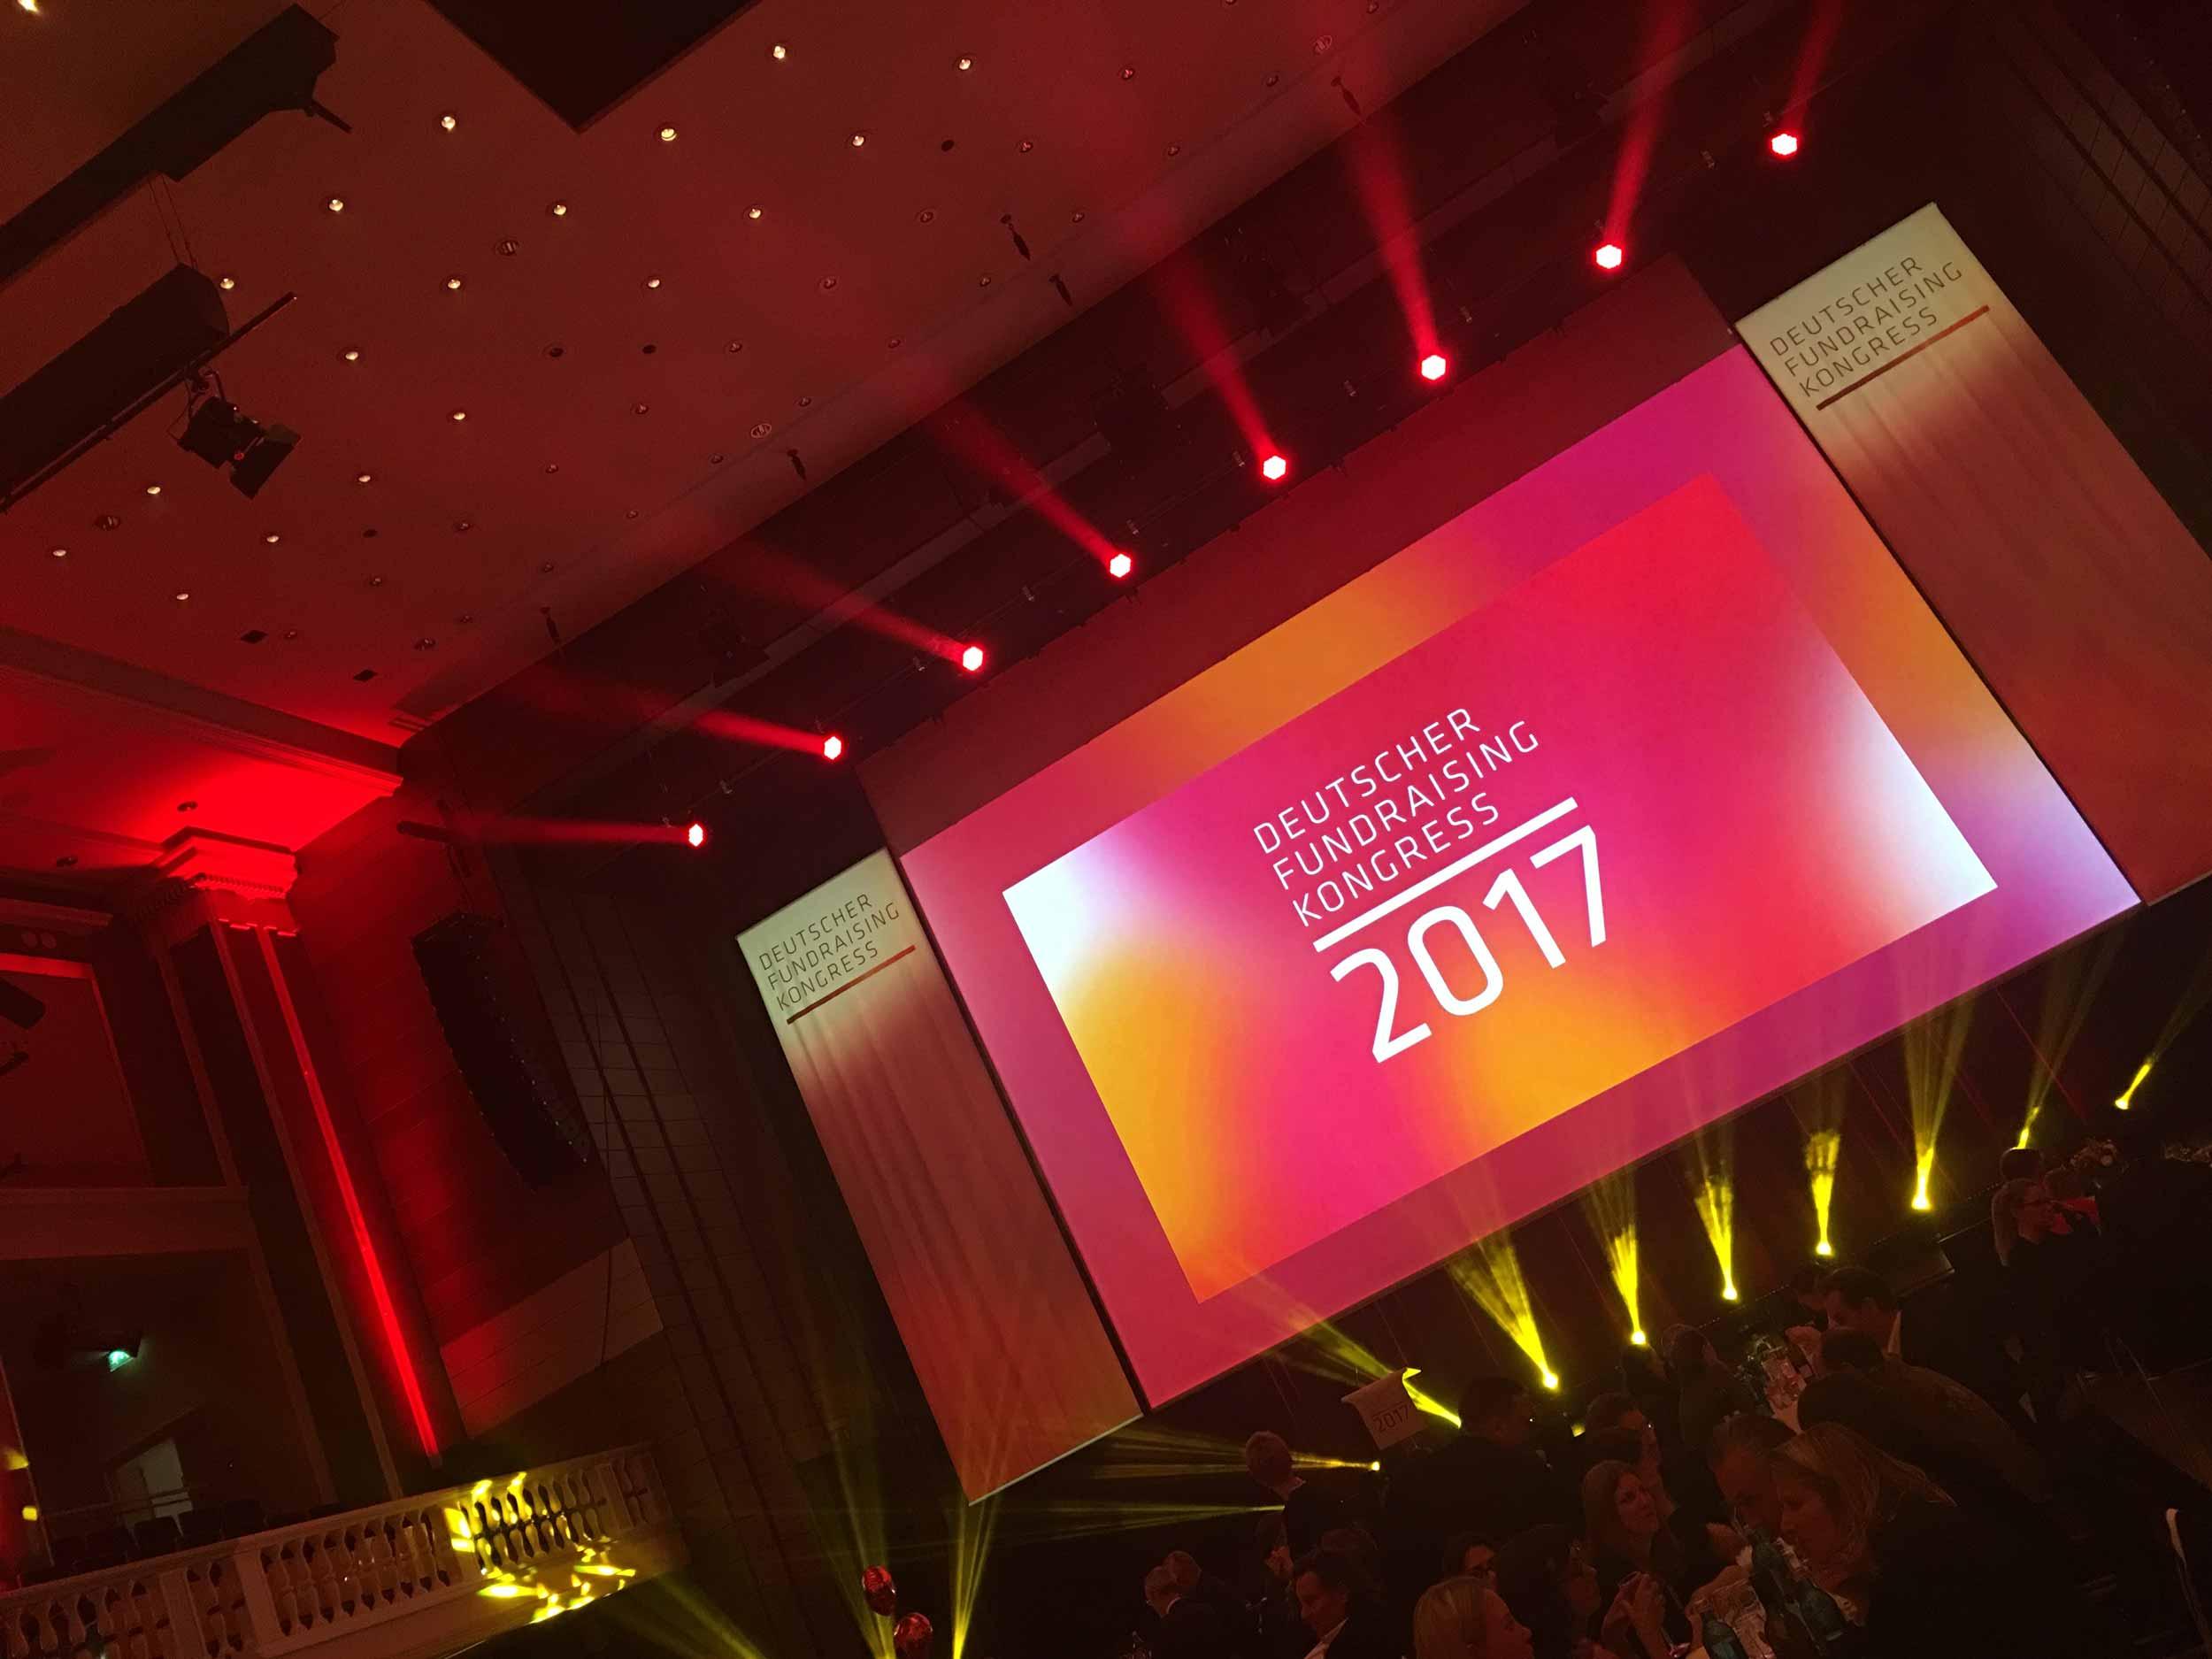 Deutscher Fundraising Kongress 2017